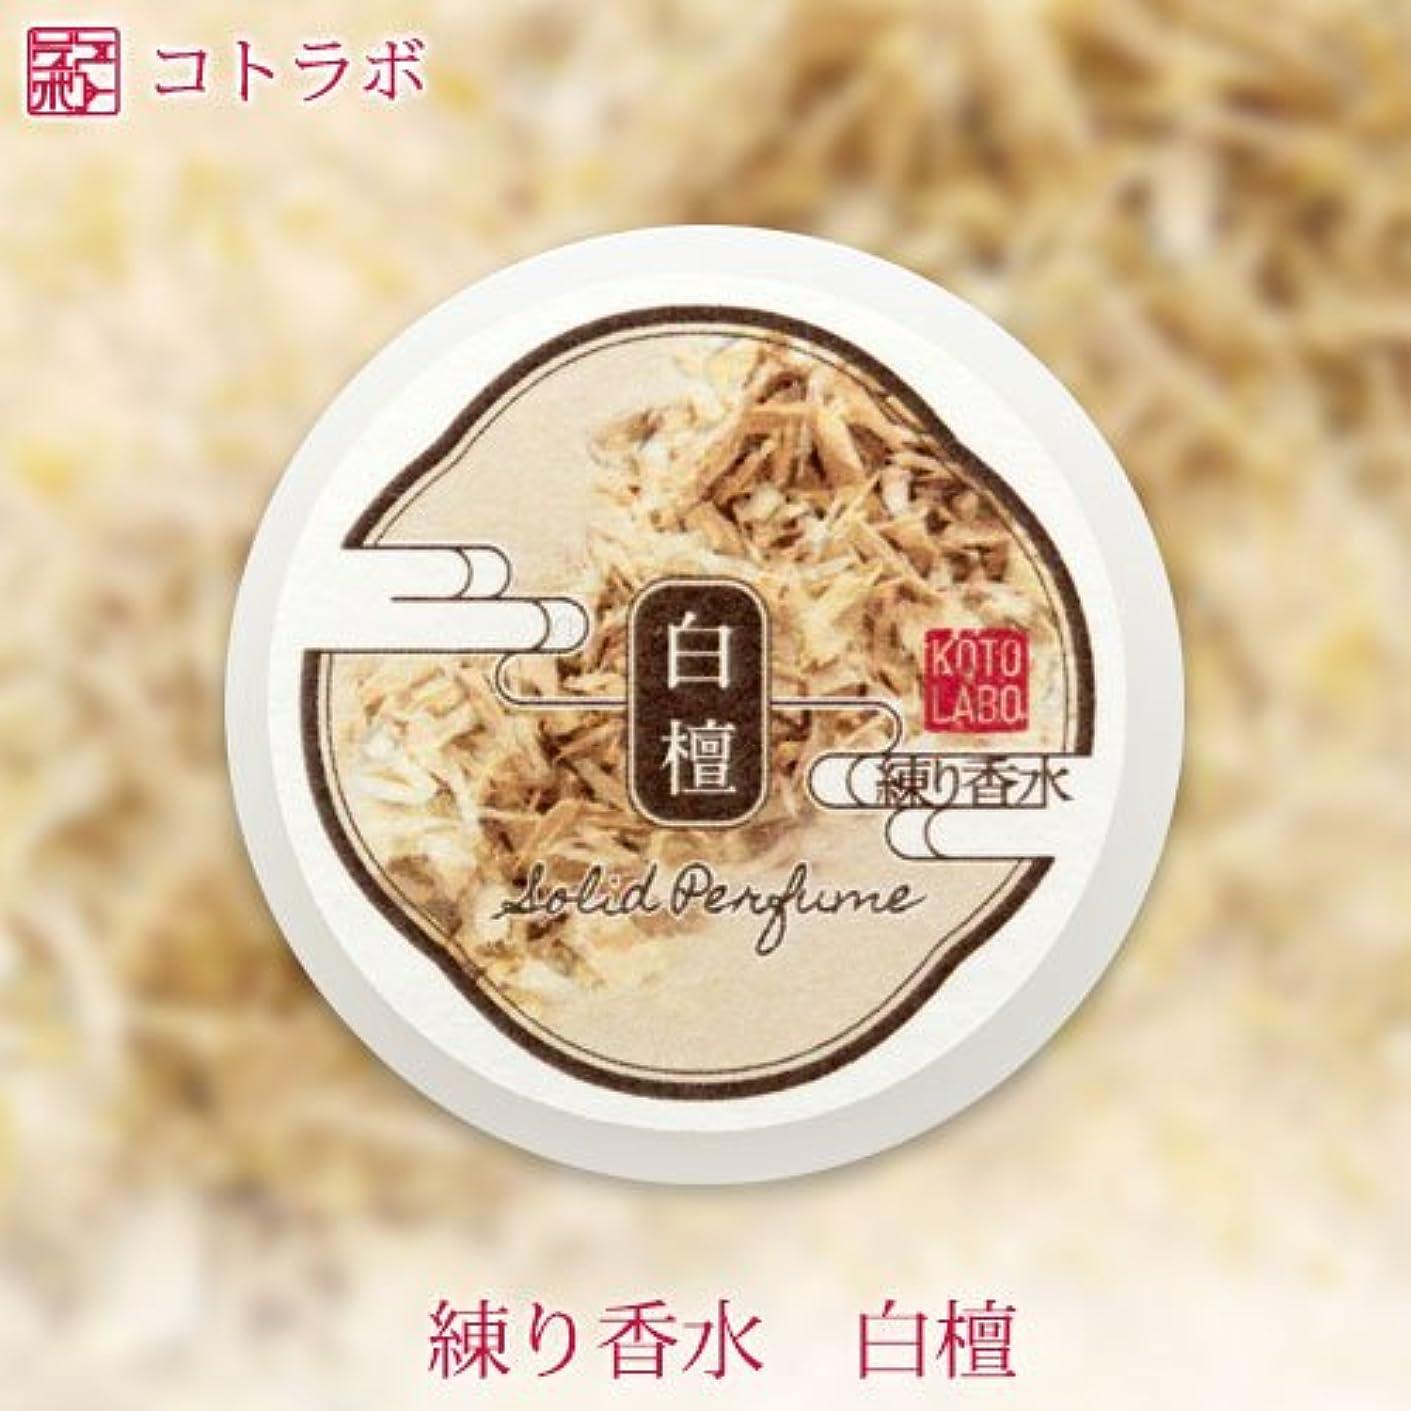 不機嫌取り消す灌漑金箔透明練り香水 白檀の香り ソリッドパフューム Kotolabo solid perfume, Sandalwood